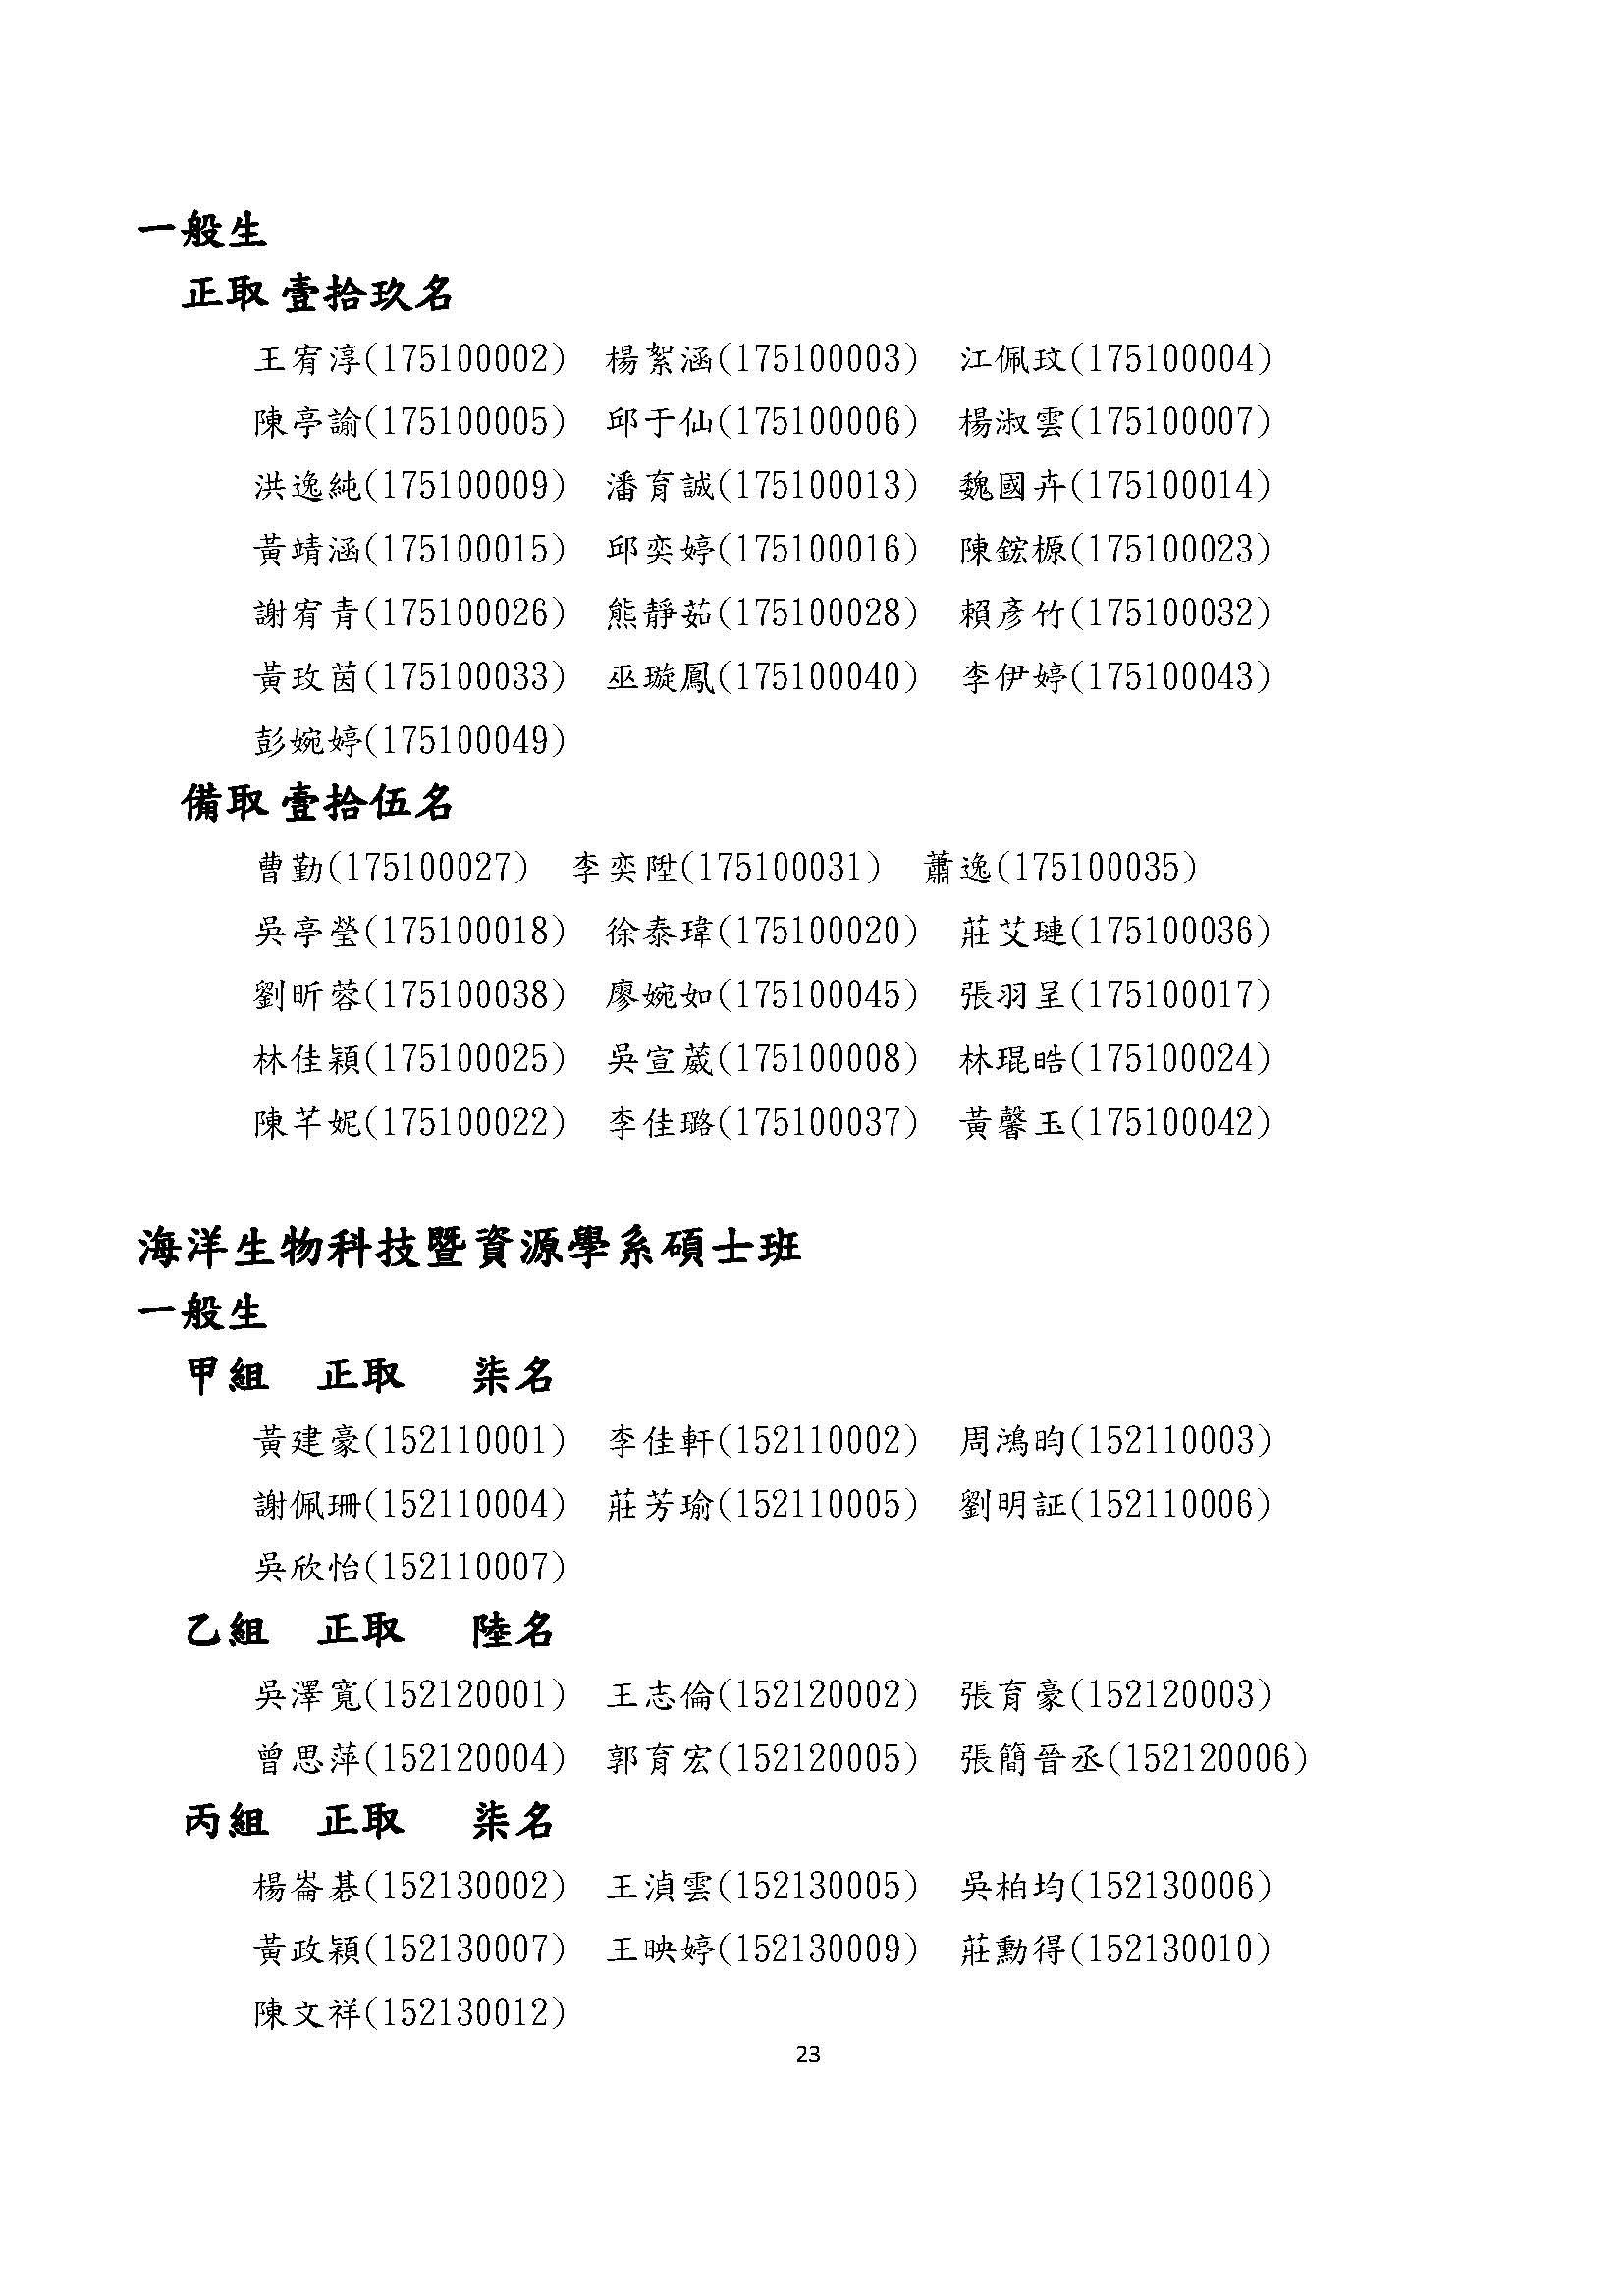 榜單_頁面_23.jpg